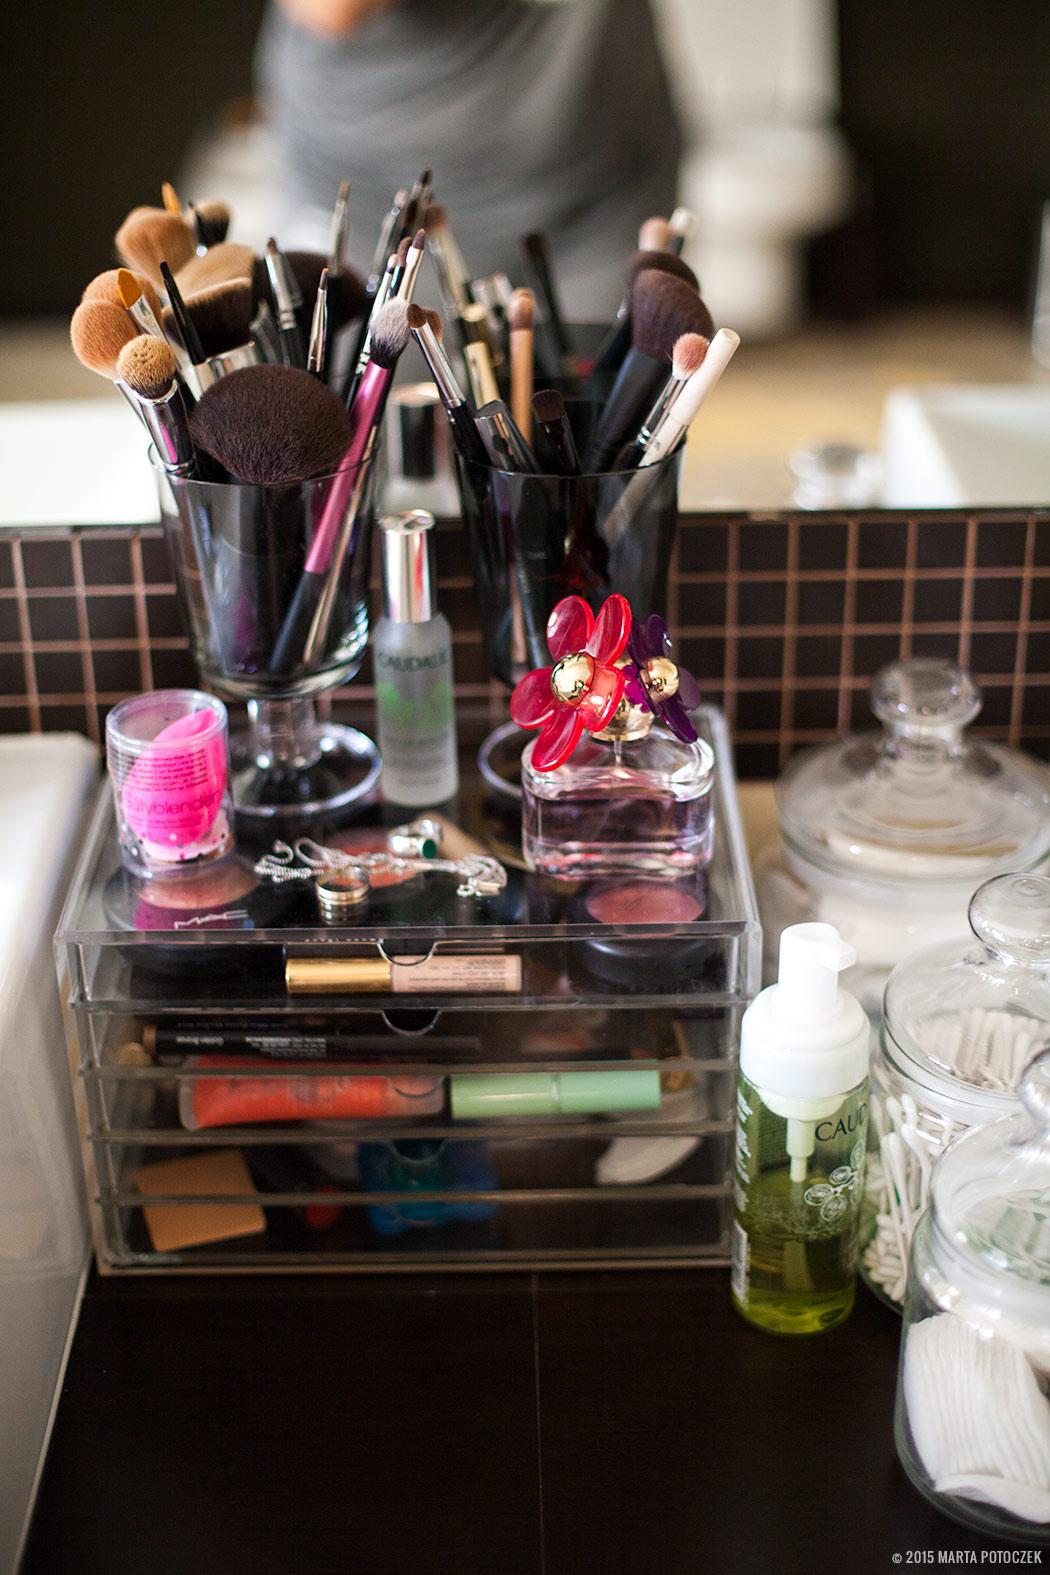 Przechowywanie kosmetyków kolorowych